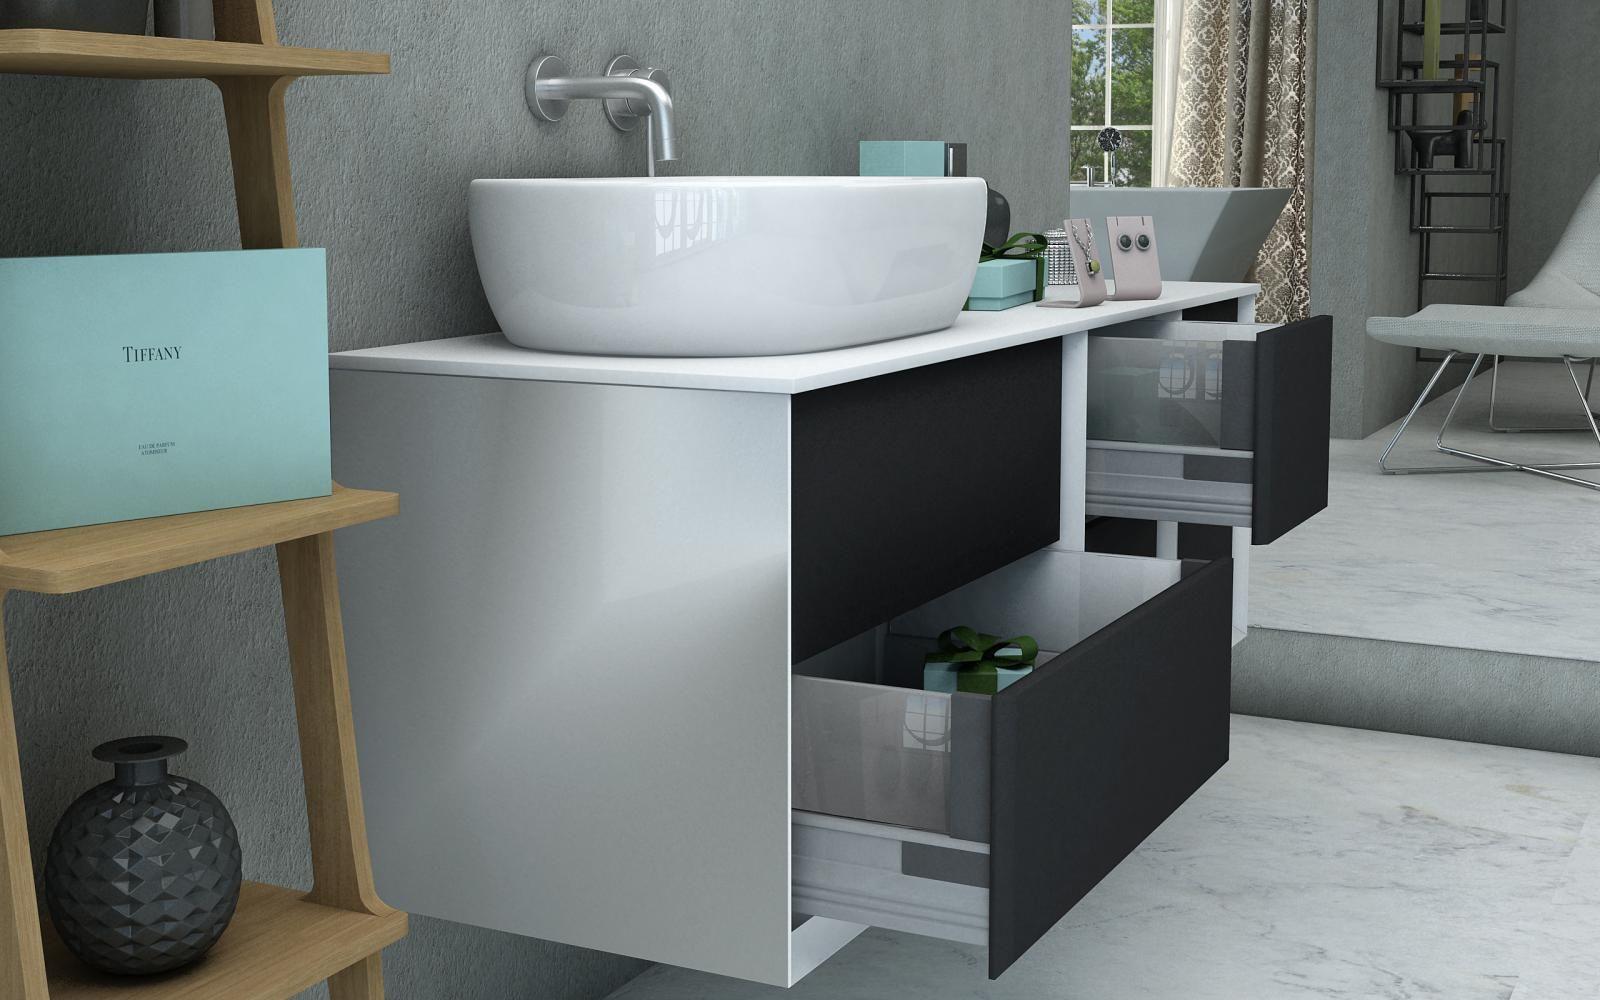 Mobile da bagno best con topo in legno mdf o in pietra for Lavabo bagno mobile